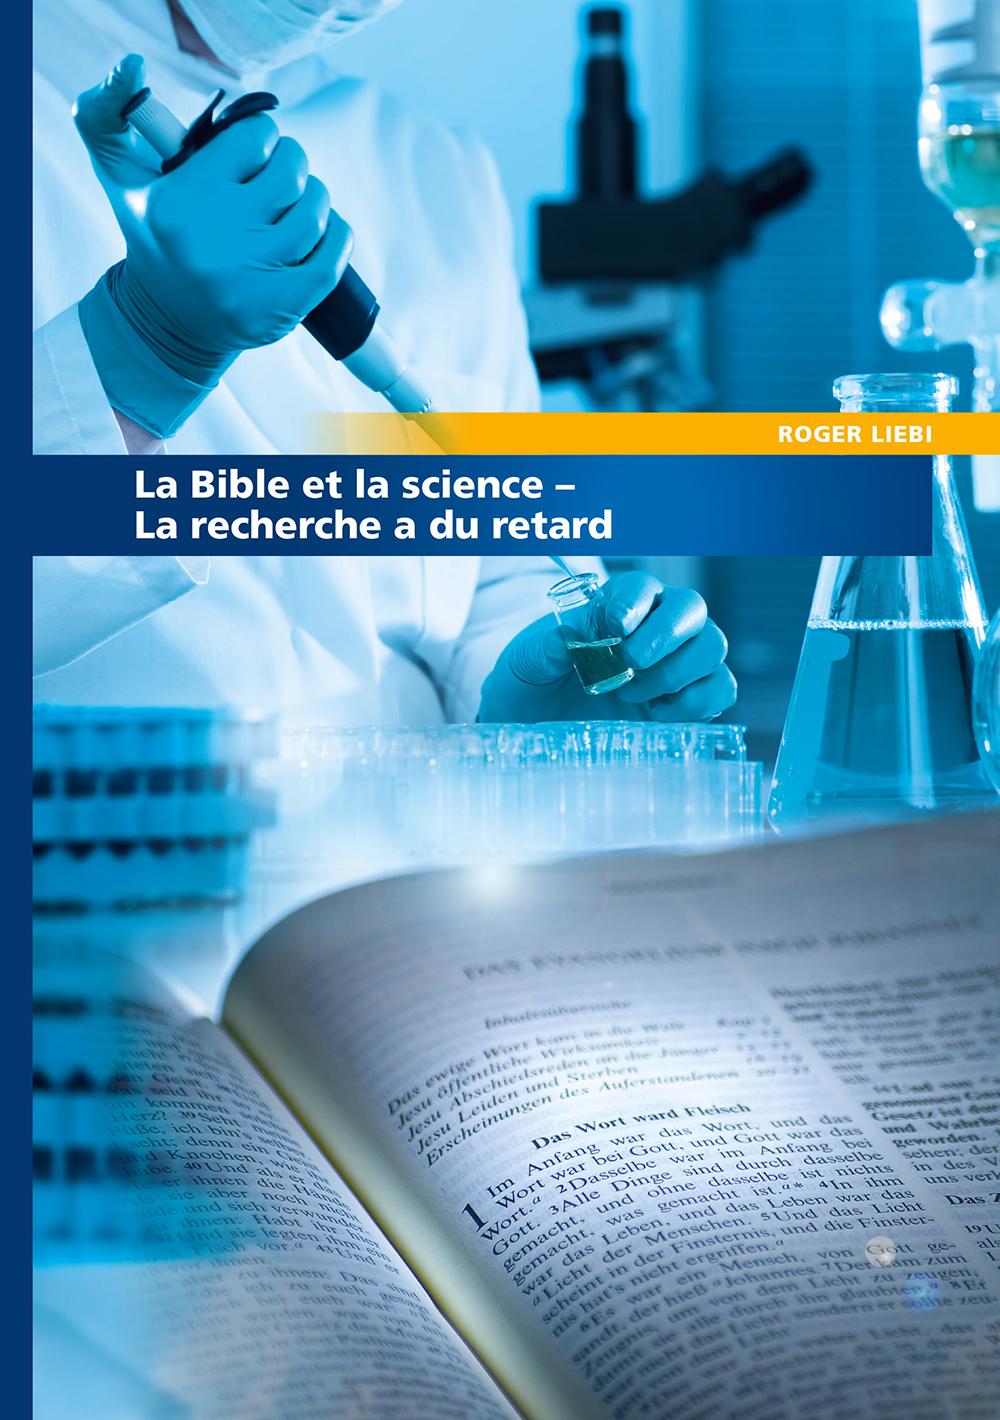 CLV_bibel-und-wissenschaft-franzoesisch_roger-liebi_256284_1